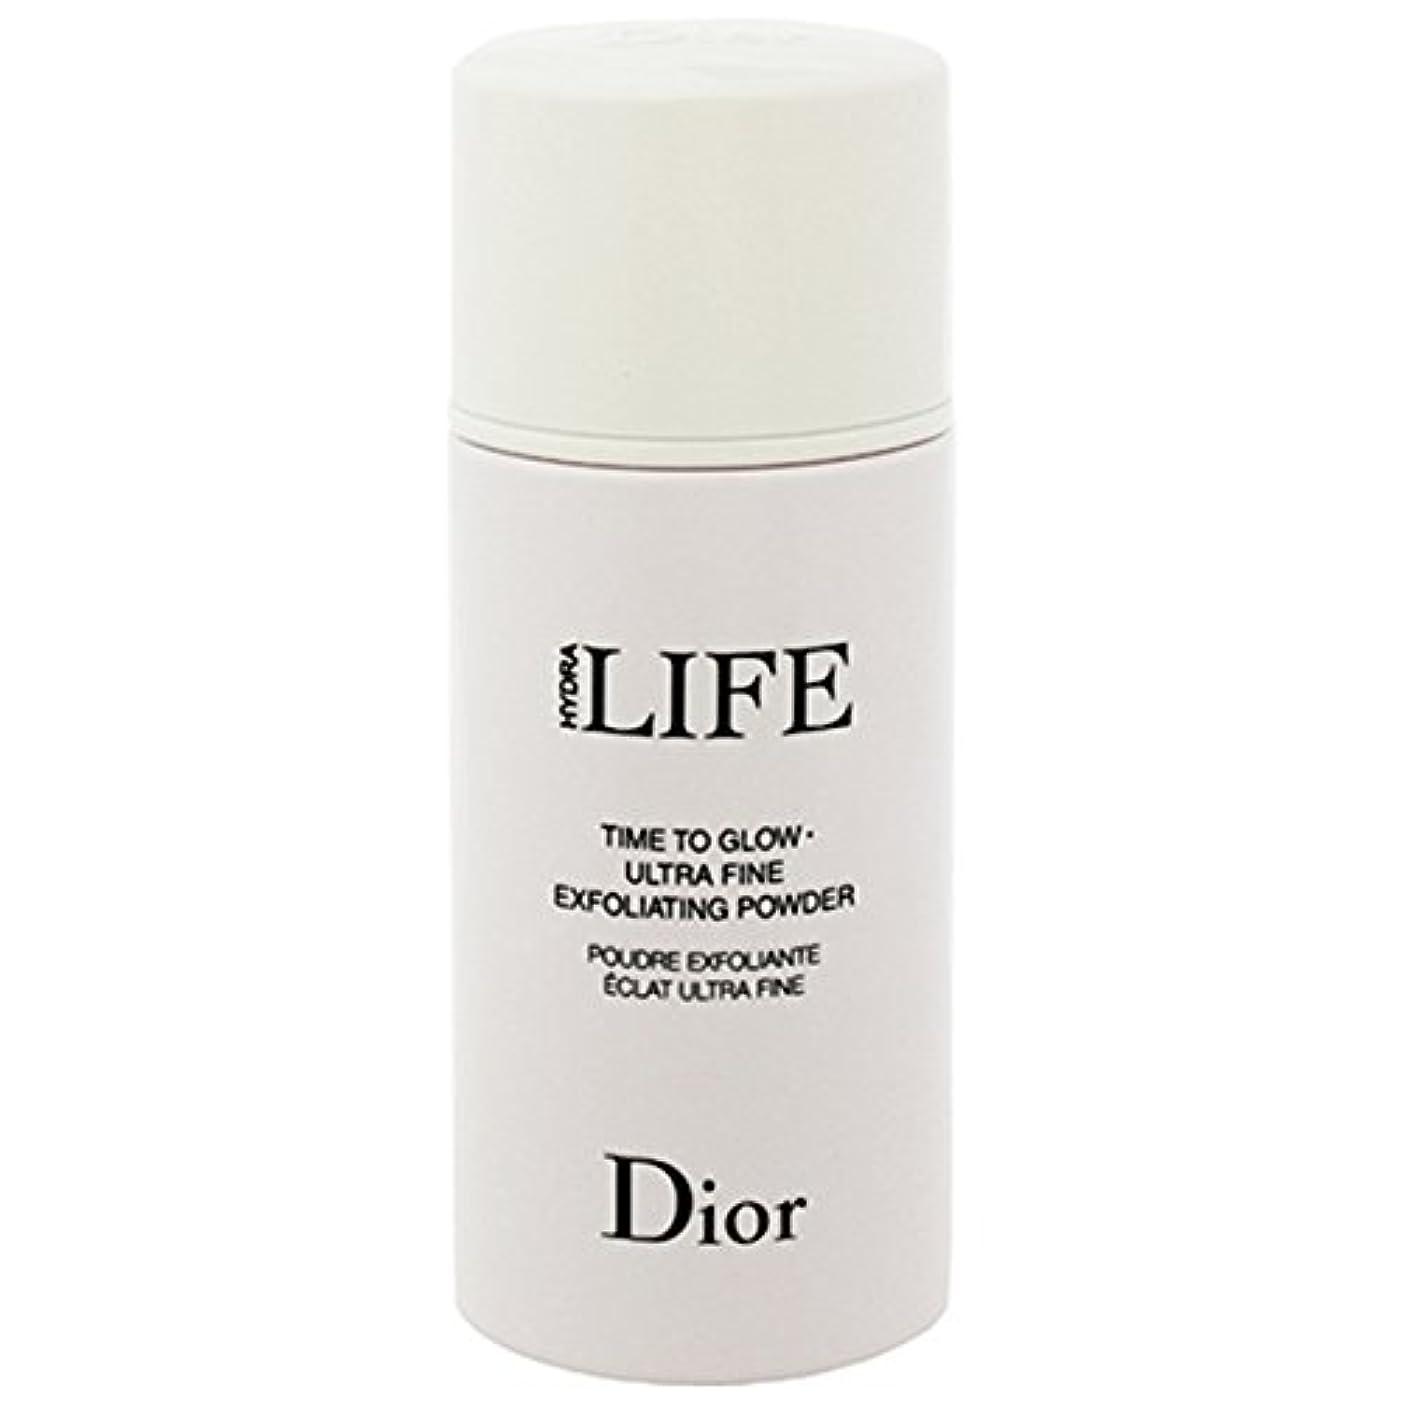 ラジウム無能動かすクリスチャンディオール Christian Dior ライフ ポリッシュ パウダー 40g 【並行輸入品】